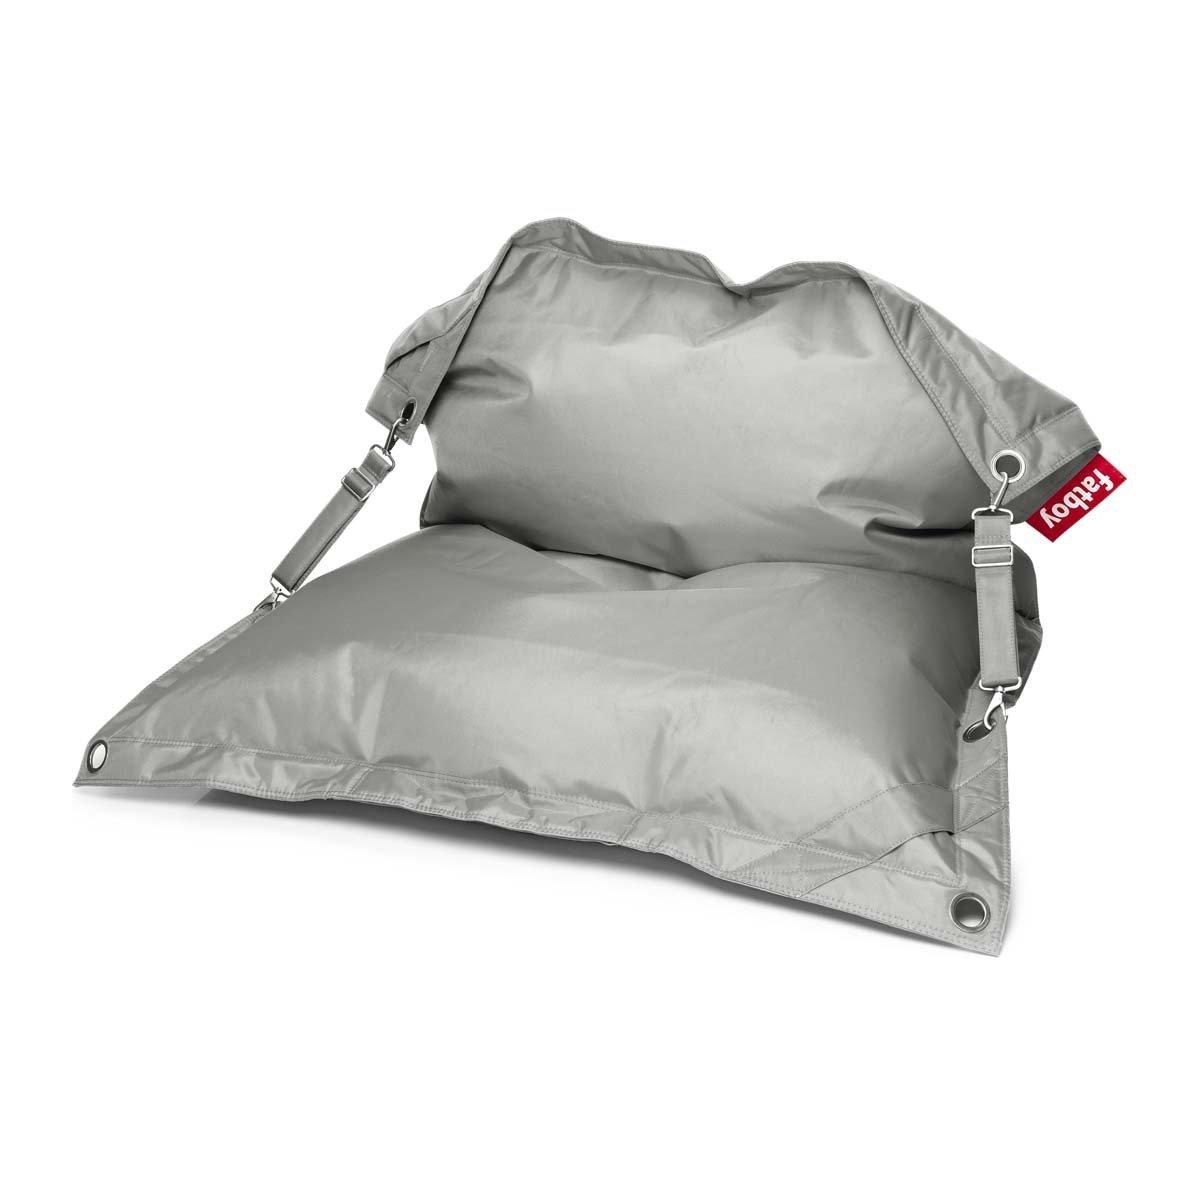 Fatboy Sitzsack, grau, 60 X 60 X 110 cm, 900.0620